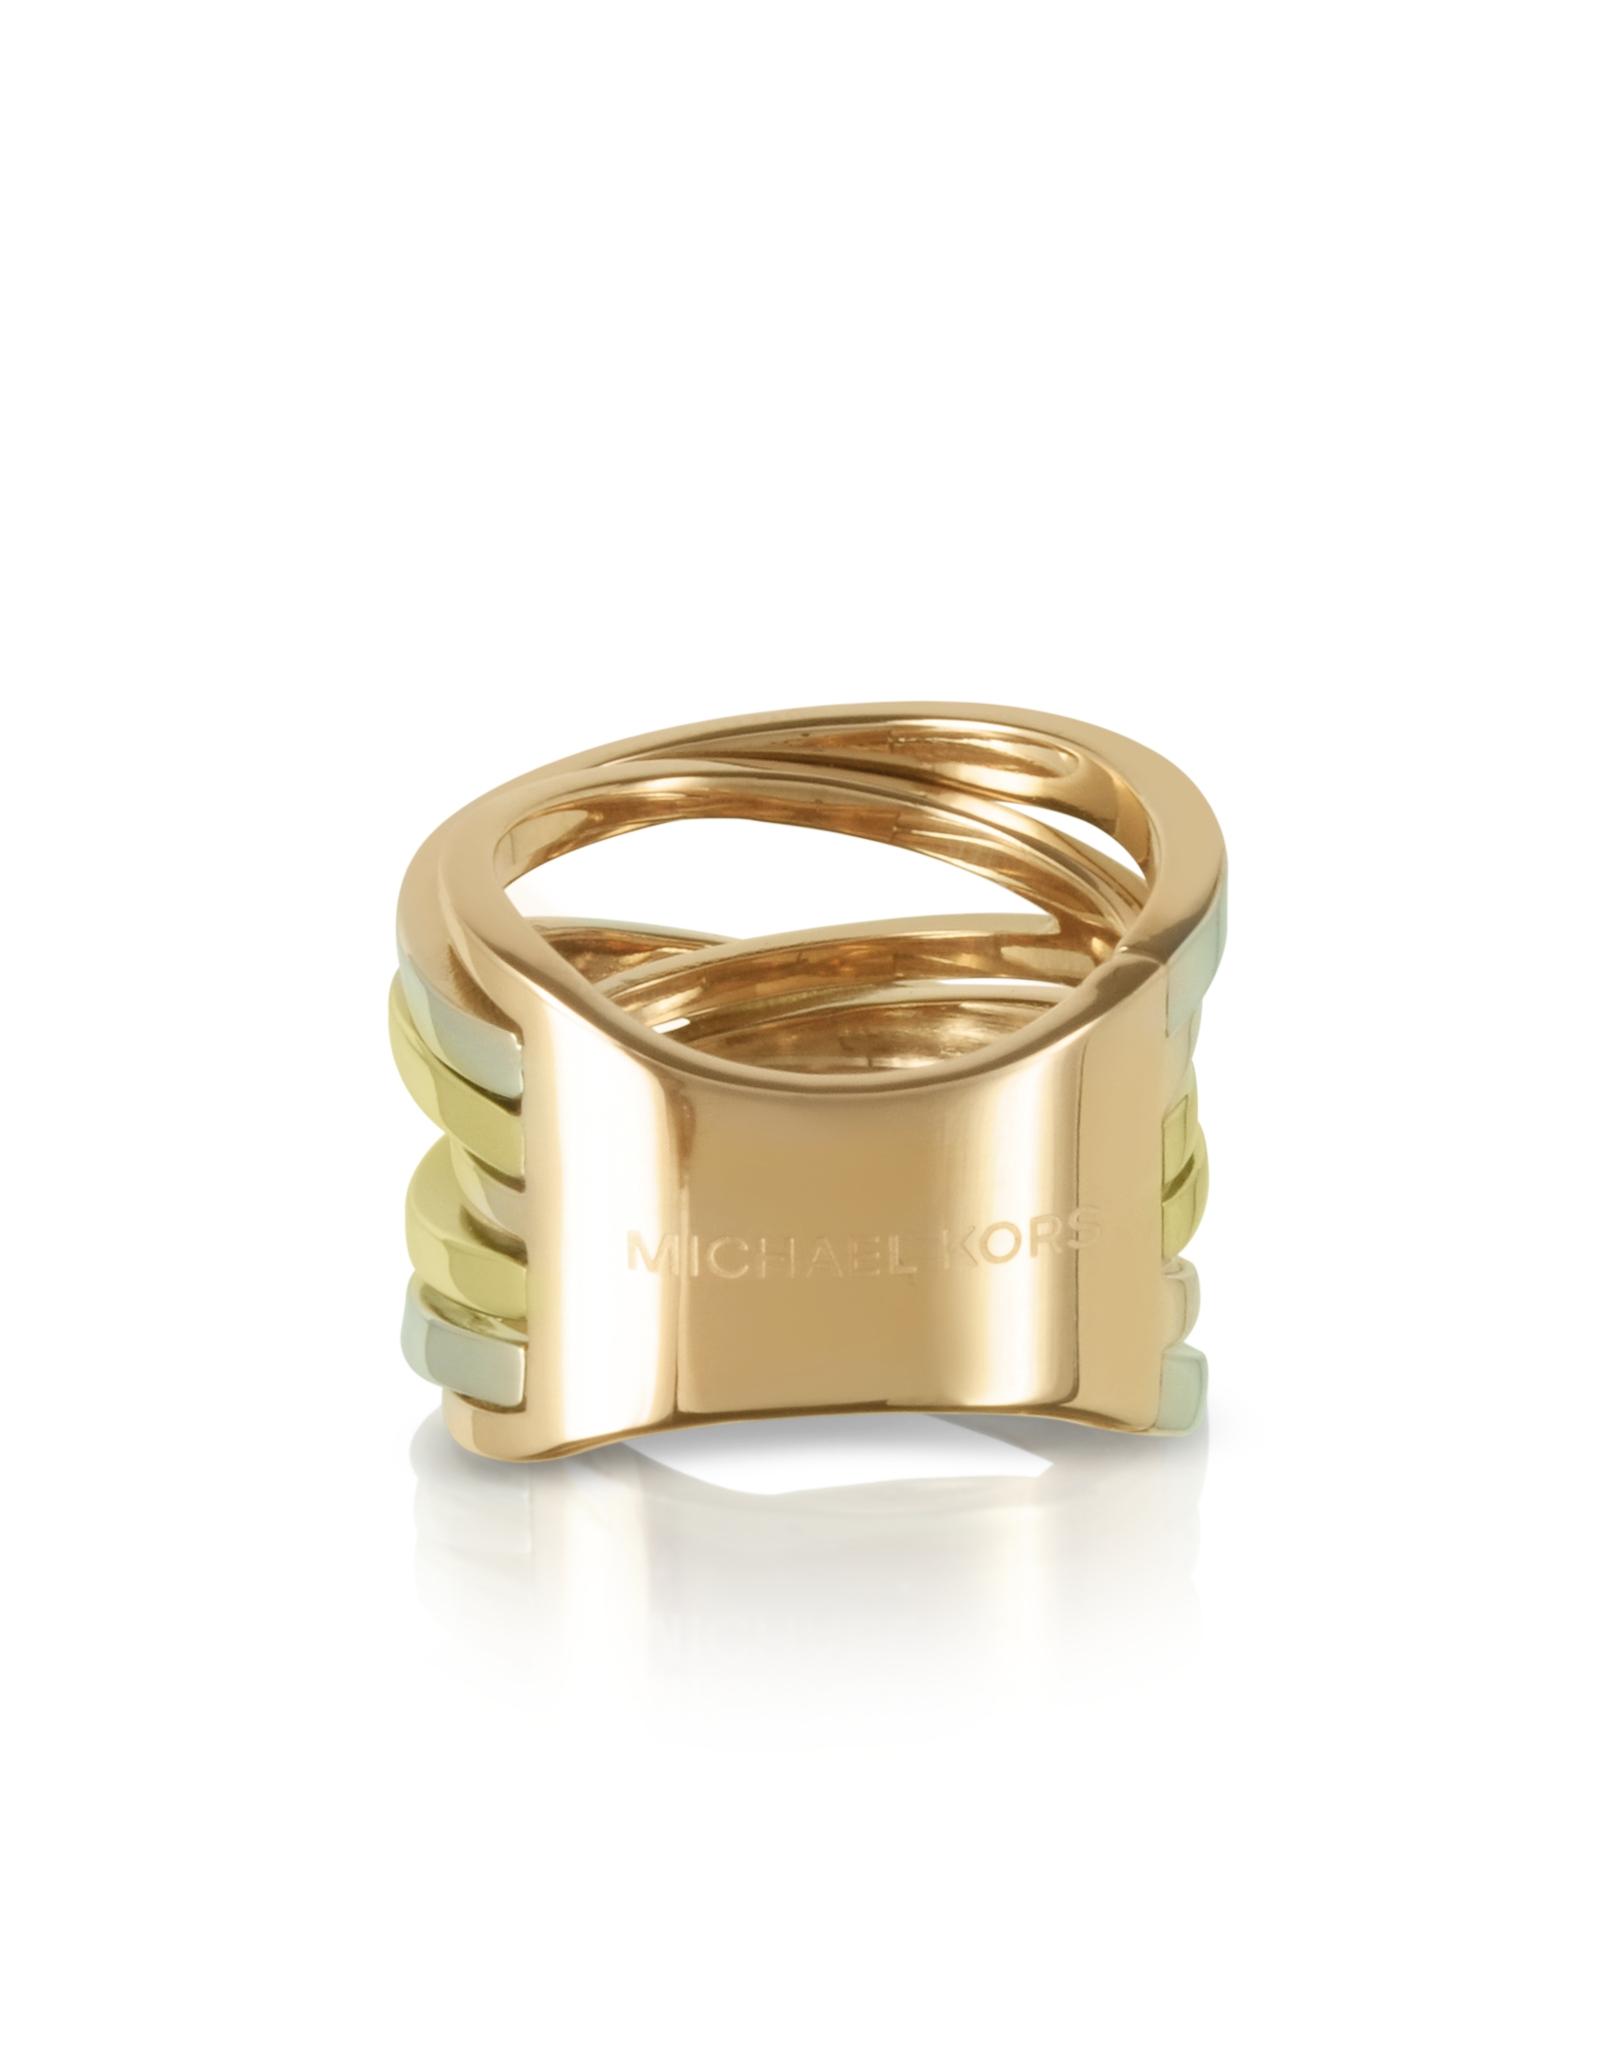 Michael Kors Eternity Ring Rose Gold